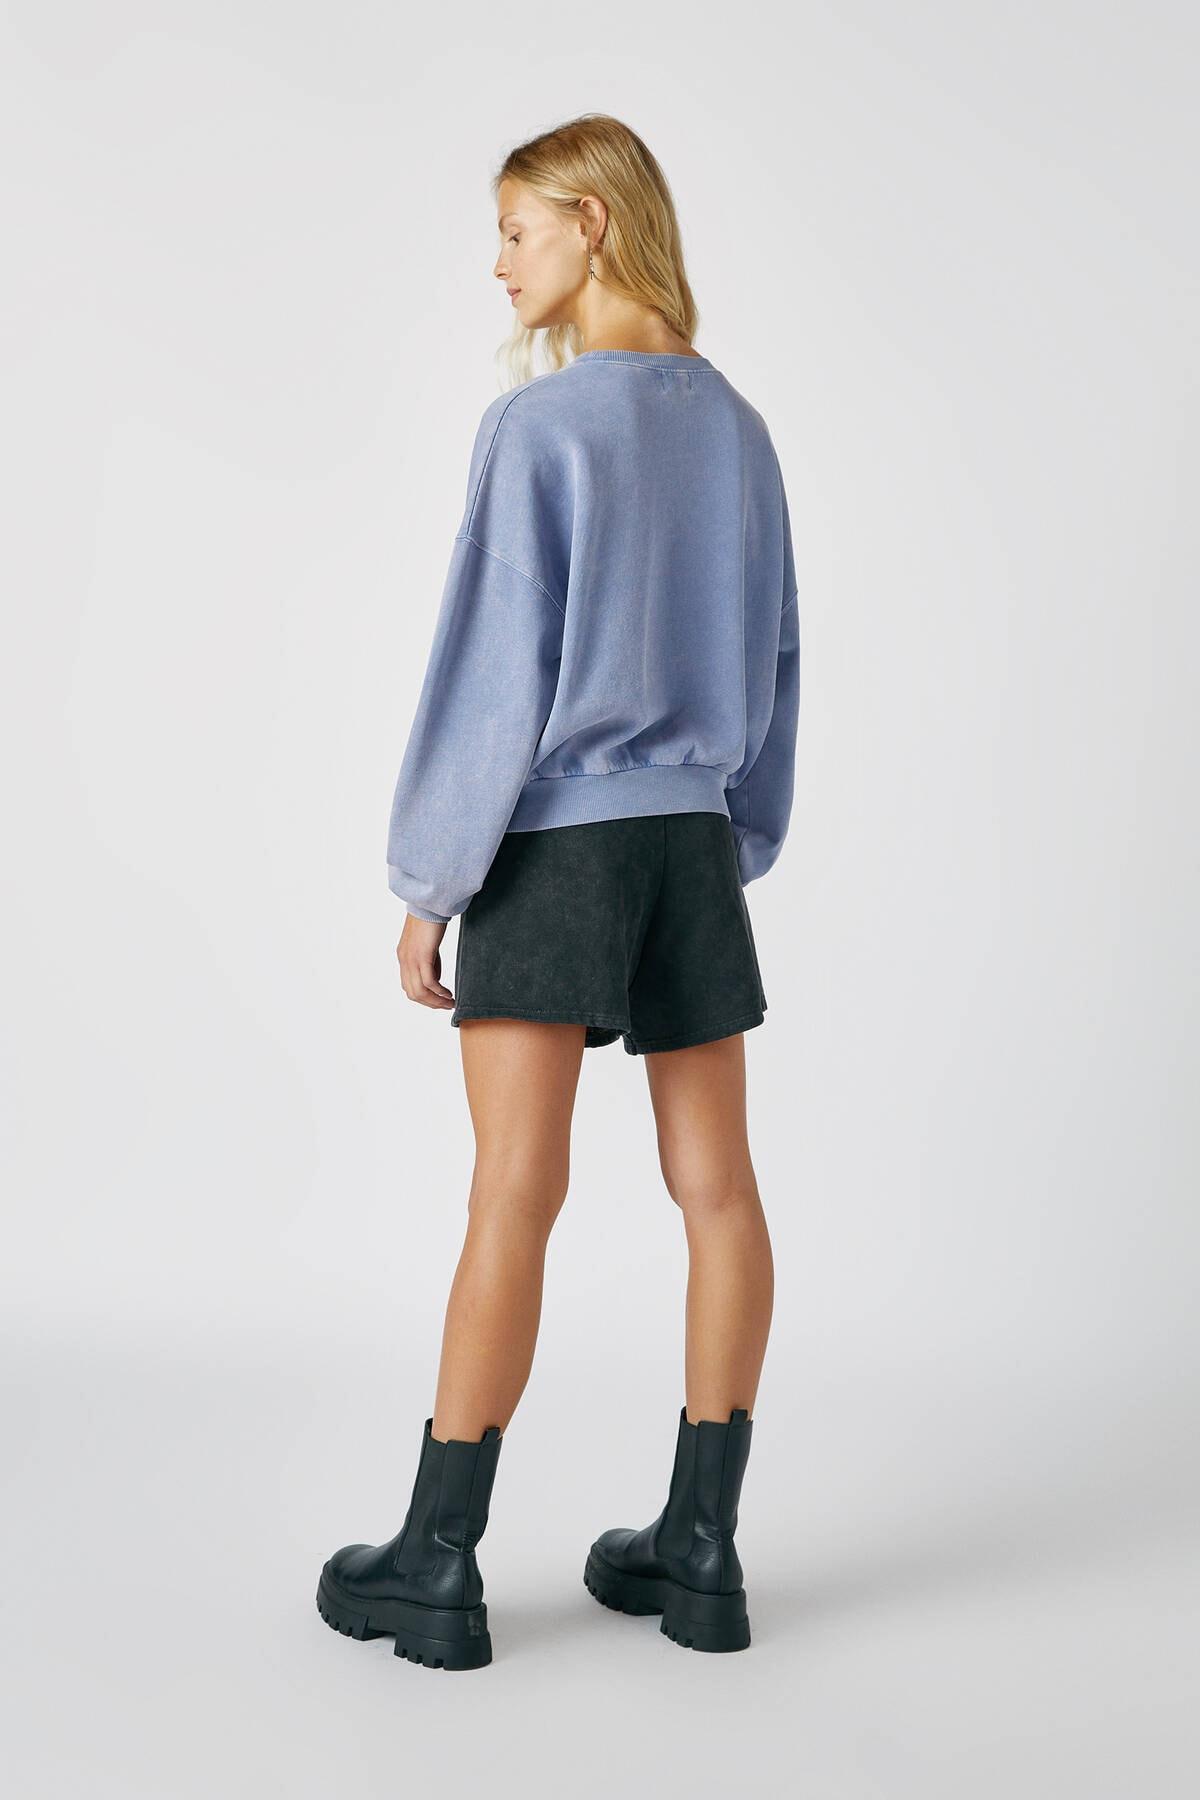 Pull & Bear Kadın Bulut Mavisi Kontrast Sloganlı Sweatshirt 09594307 2